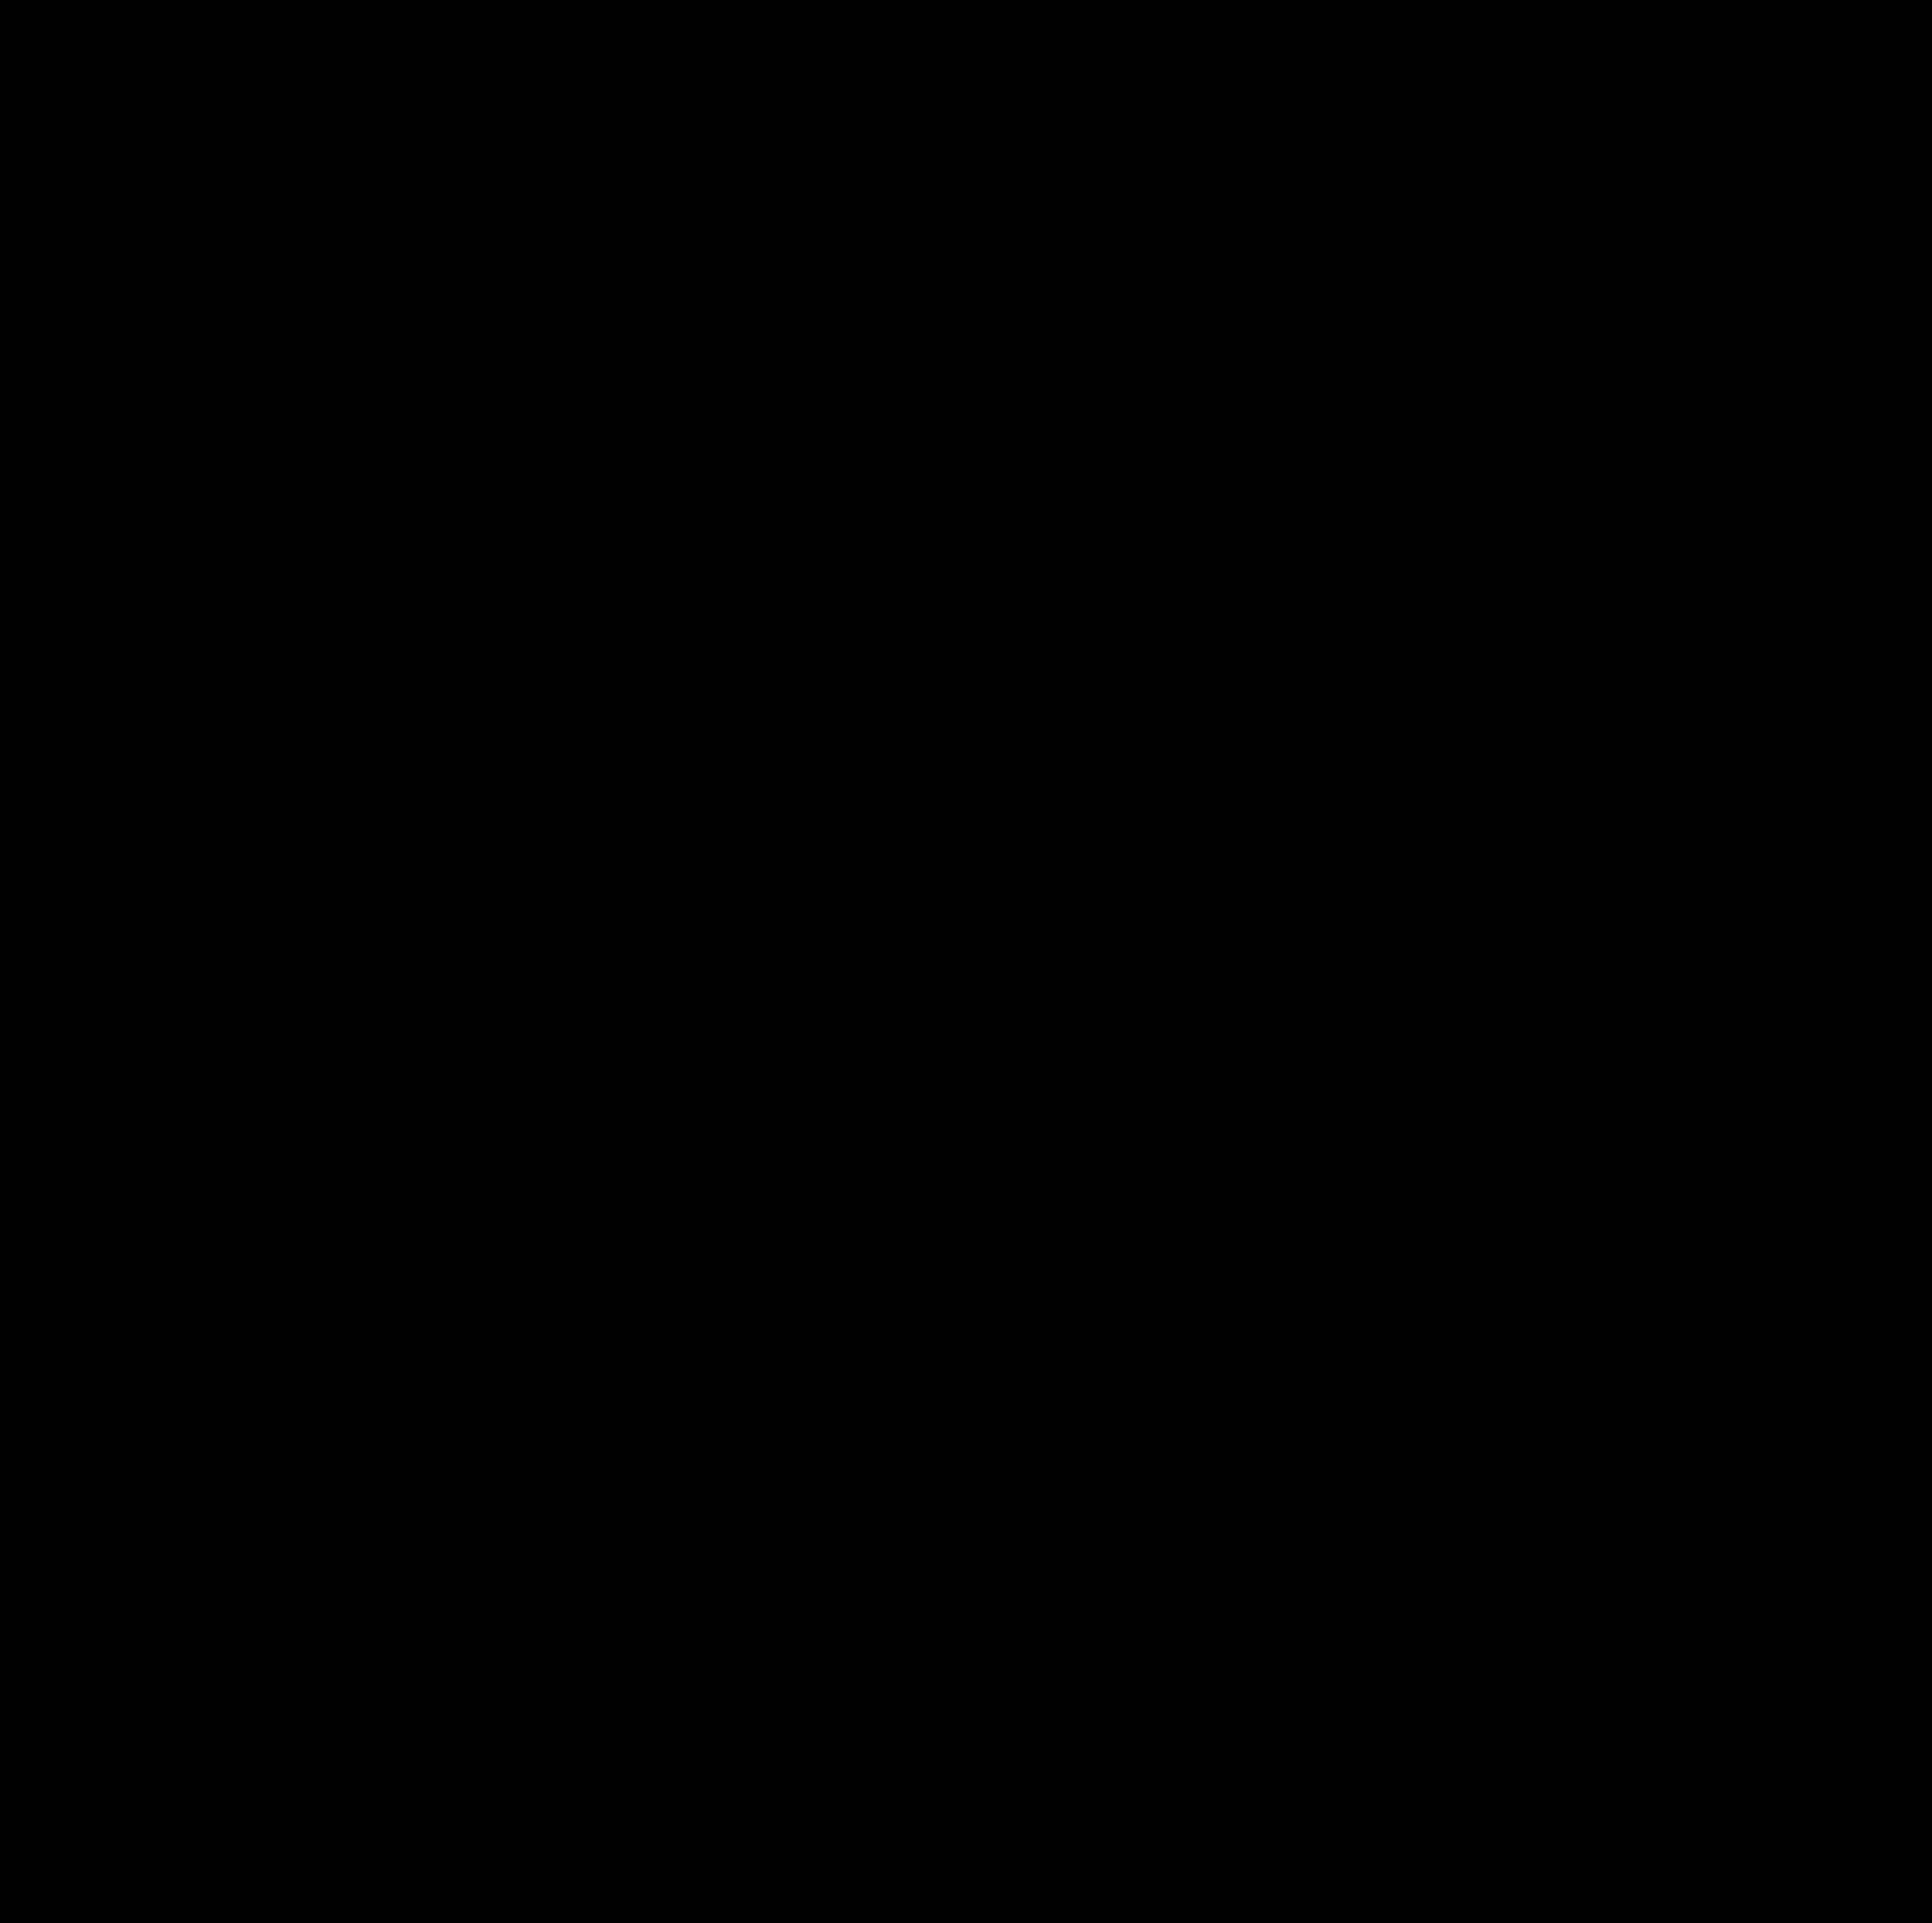 Celio PNG - 36651